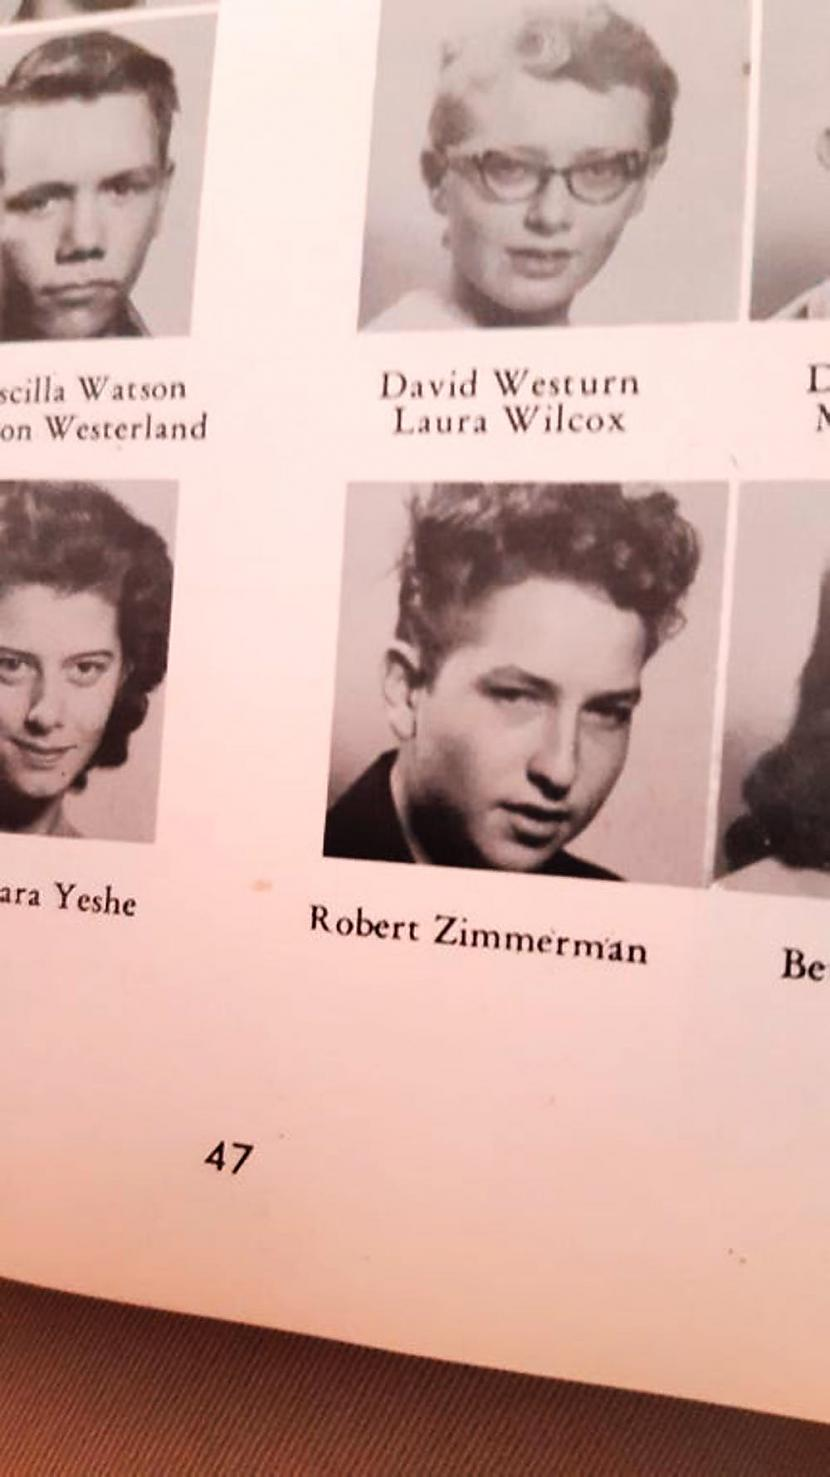 Nepazīstat Robertu Zimmermanu... Autors: Lestets Vēsturiskas bildes, kurām vajag paskaidrojumu